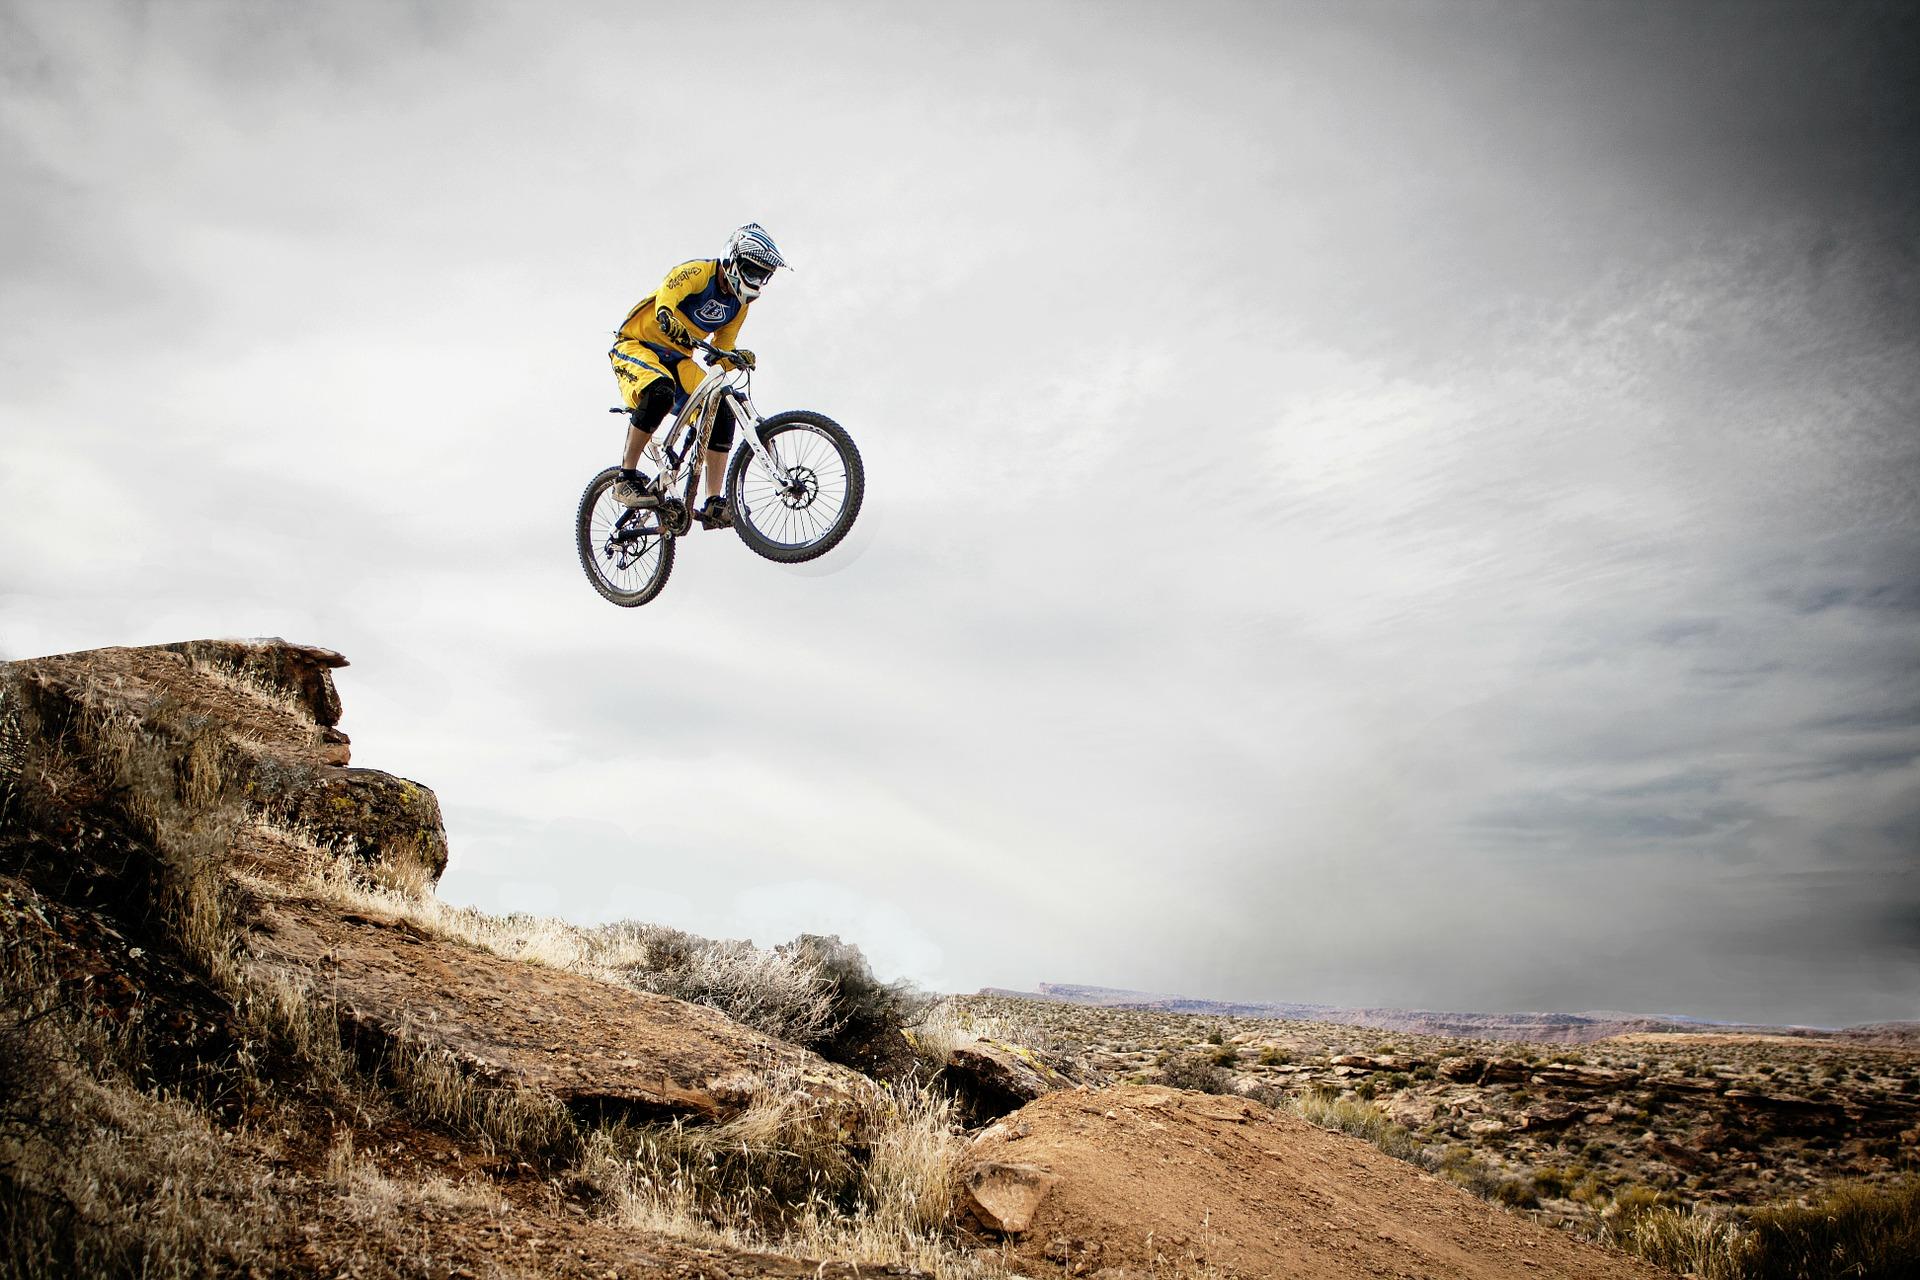 サイクリスト, ジャンプ, リスク, アクション, 終わり - HD の壁紙 - 教授-falken.com